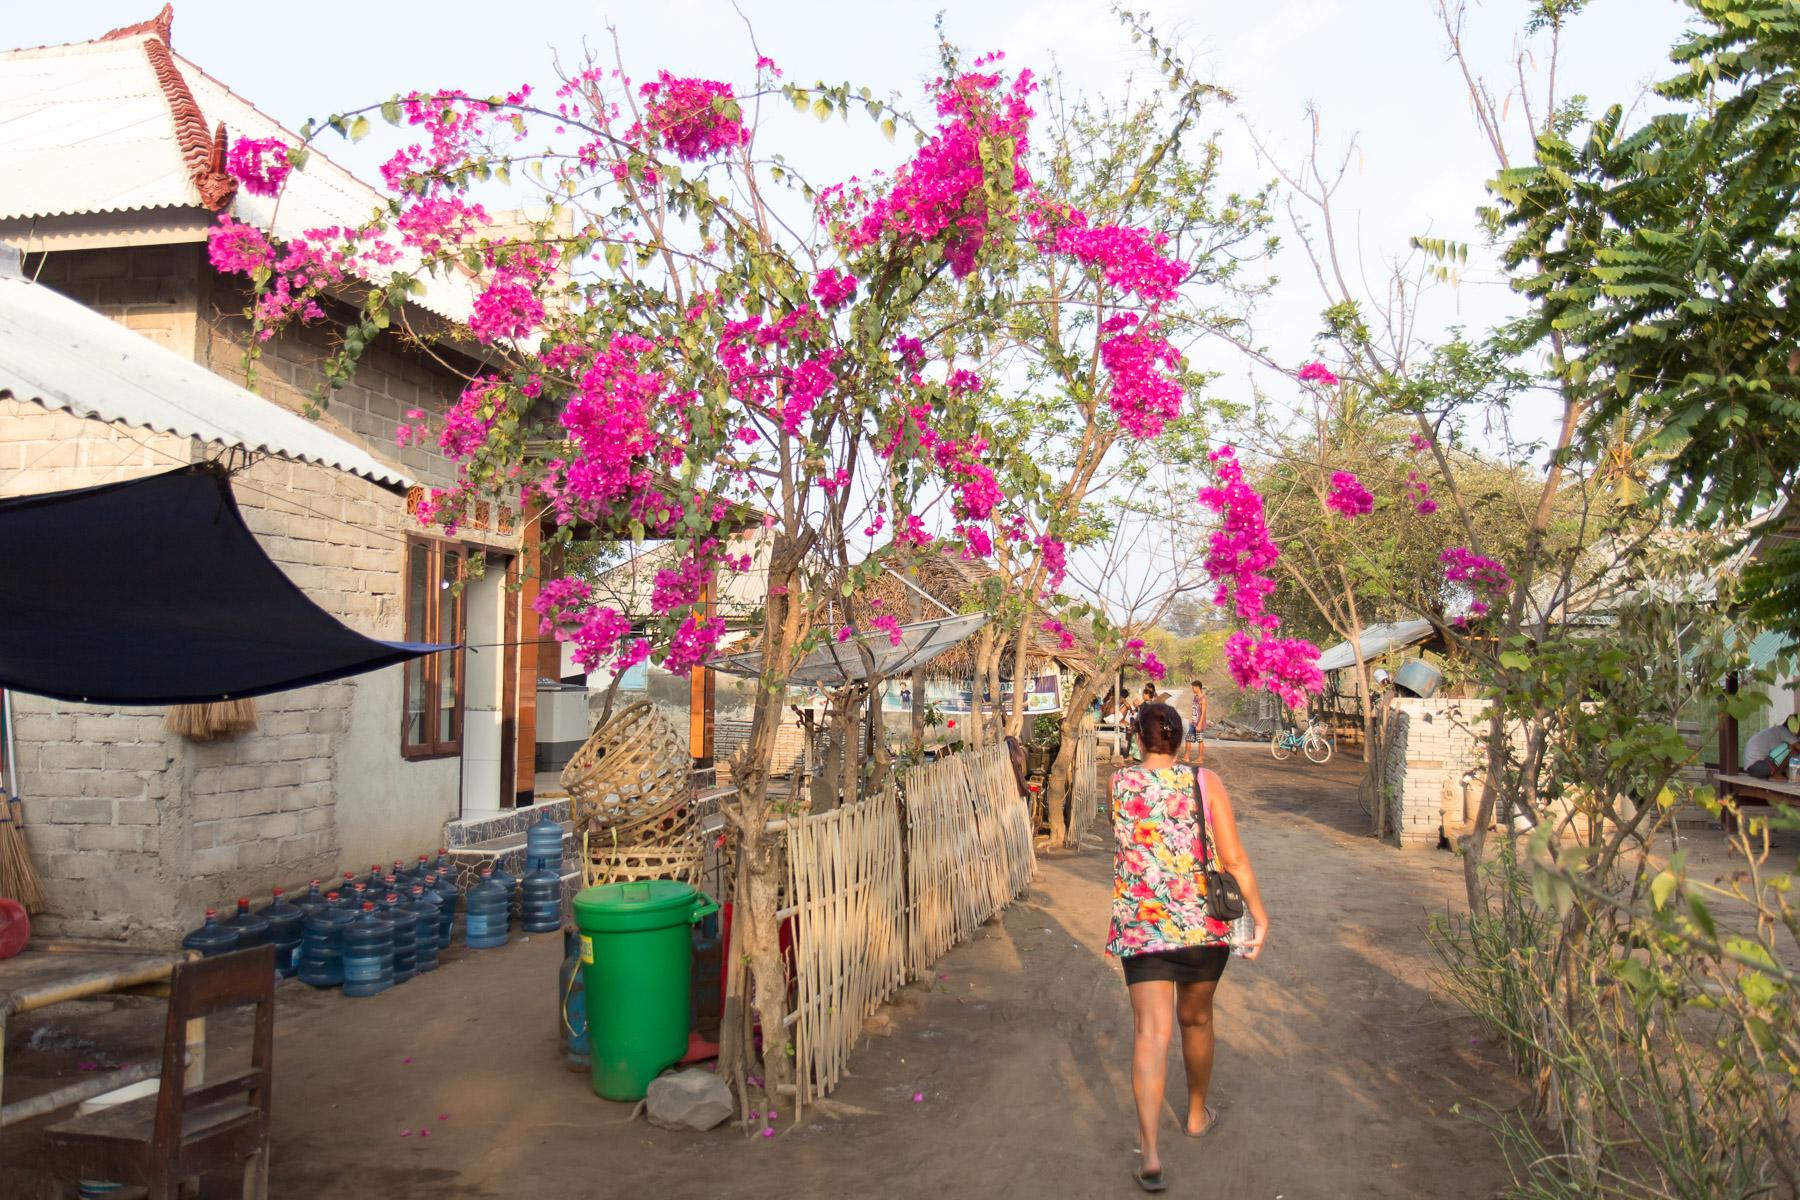 Bali2015-17-032